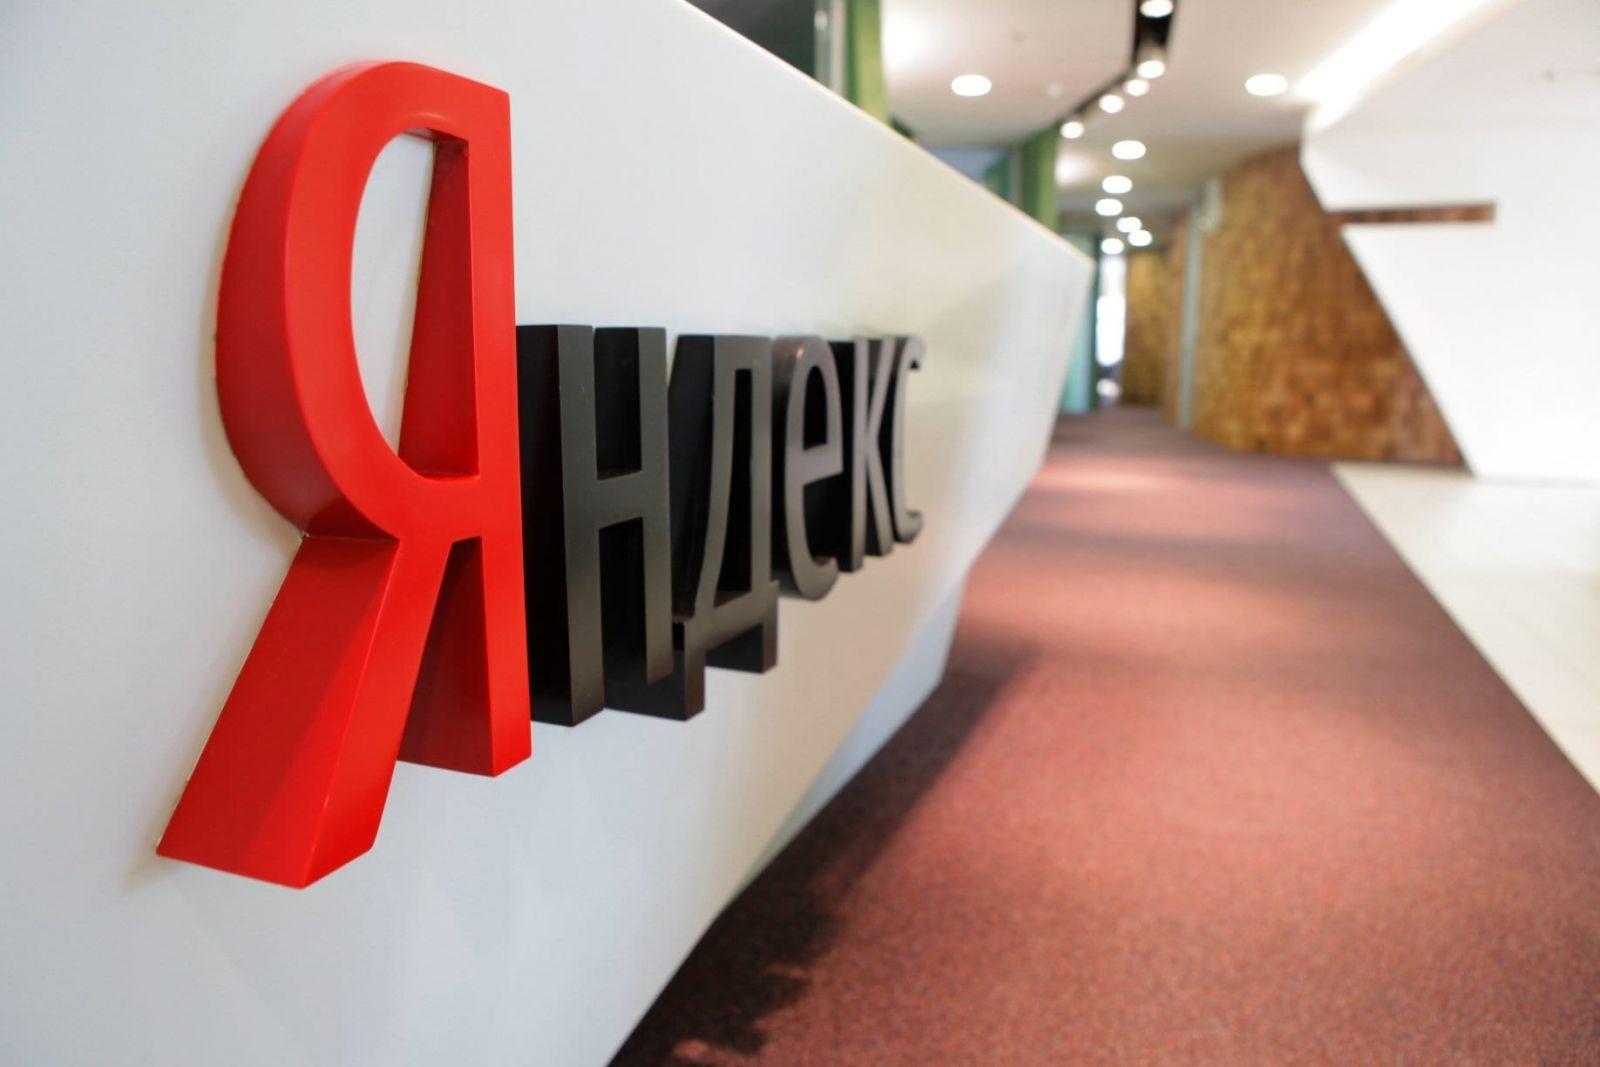 Яндекс может запустить сервис безналичной оплаты Yandex Pay (1515760522 201)